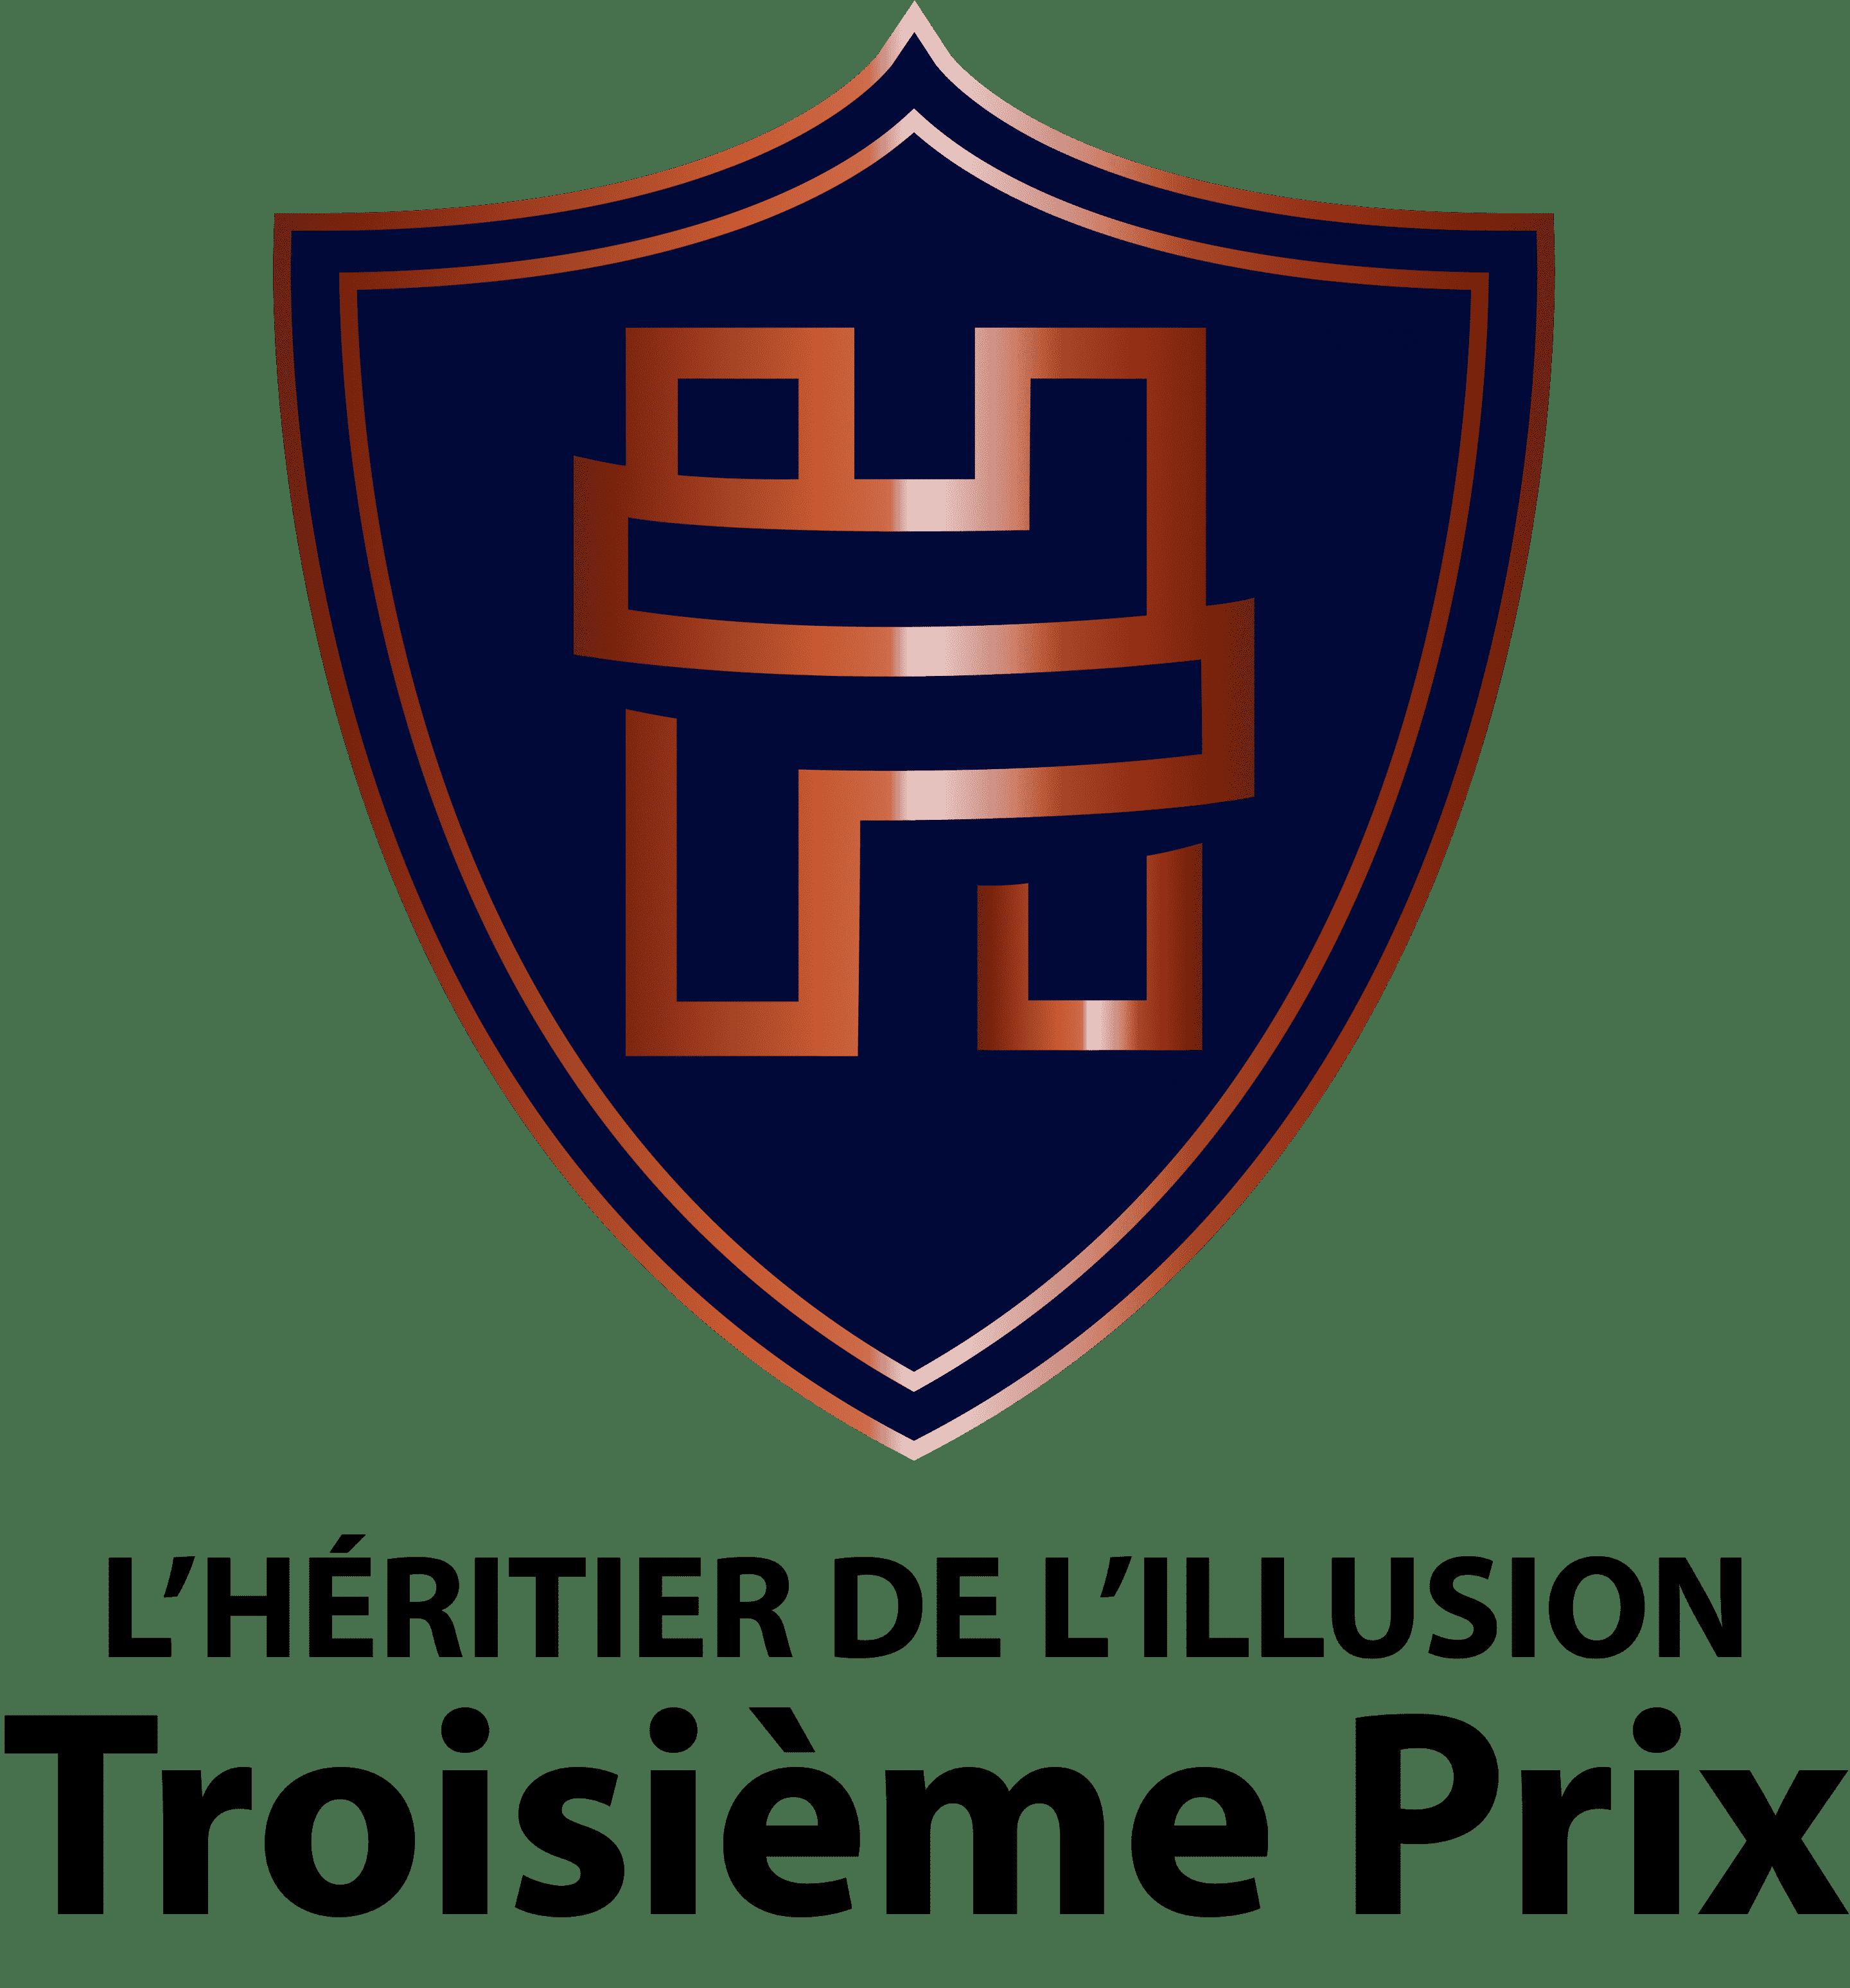 Héritier de Bronze - Troisième Prix - Charte graphique